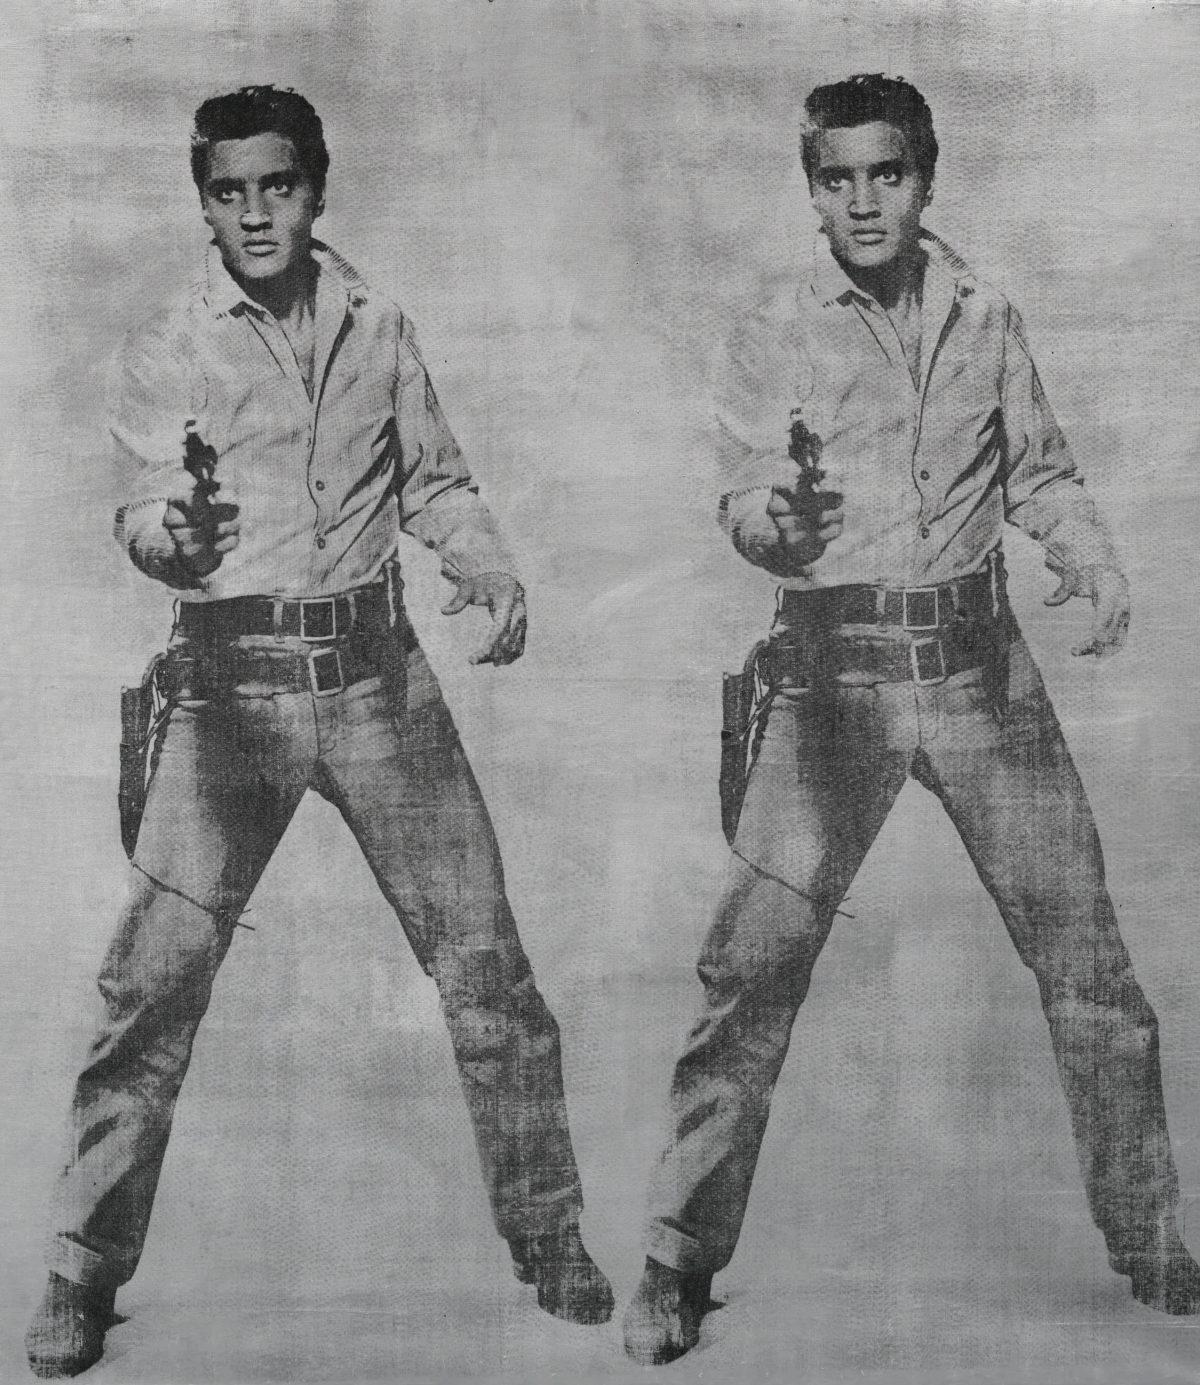 Andy Warhol, 'Elvis 2 Times', 1963.